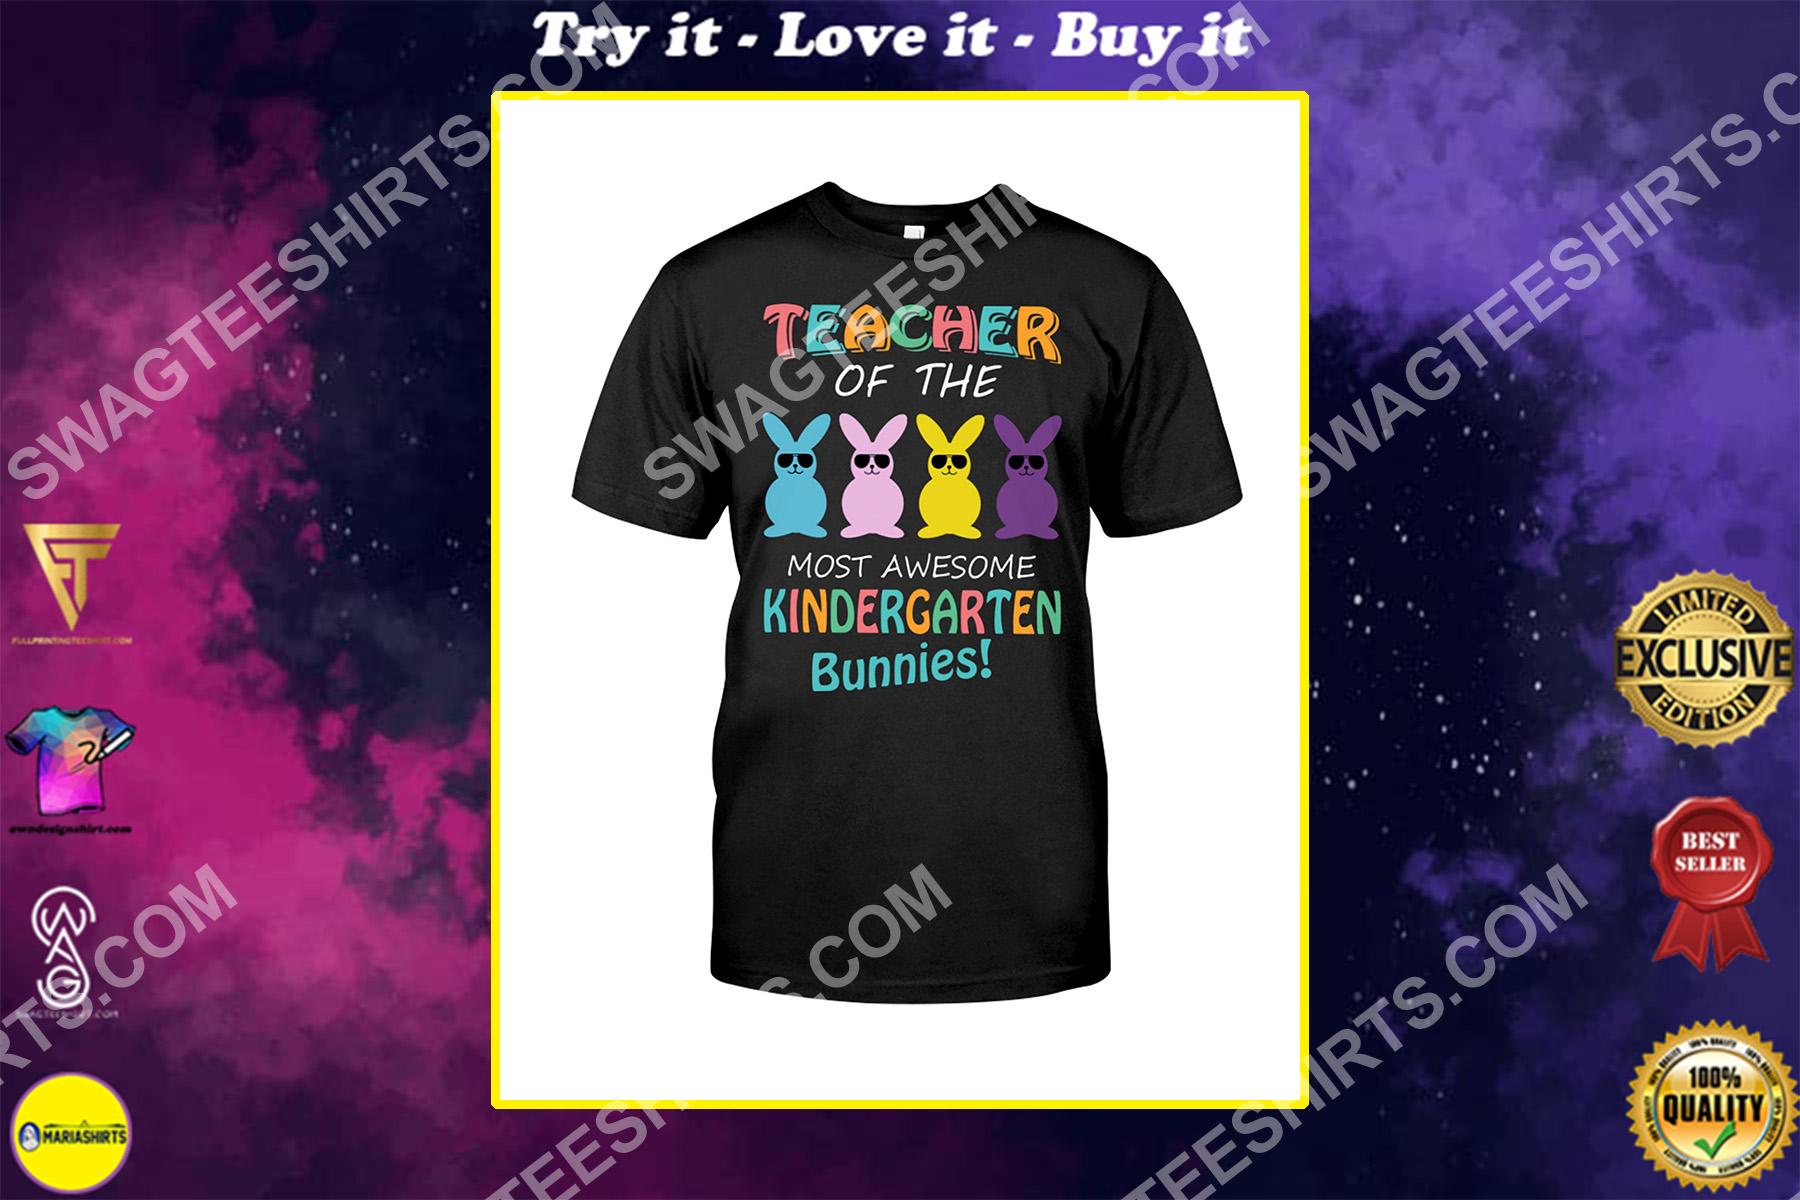 teacher of the most awesome kindergarten bunnies shirt